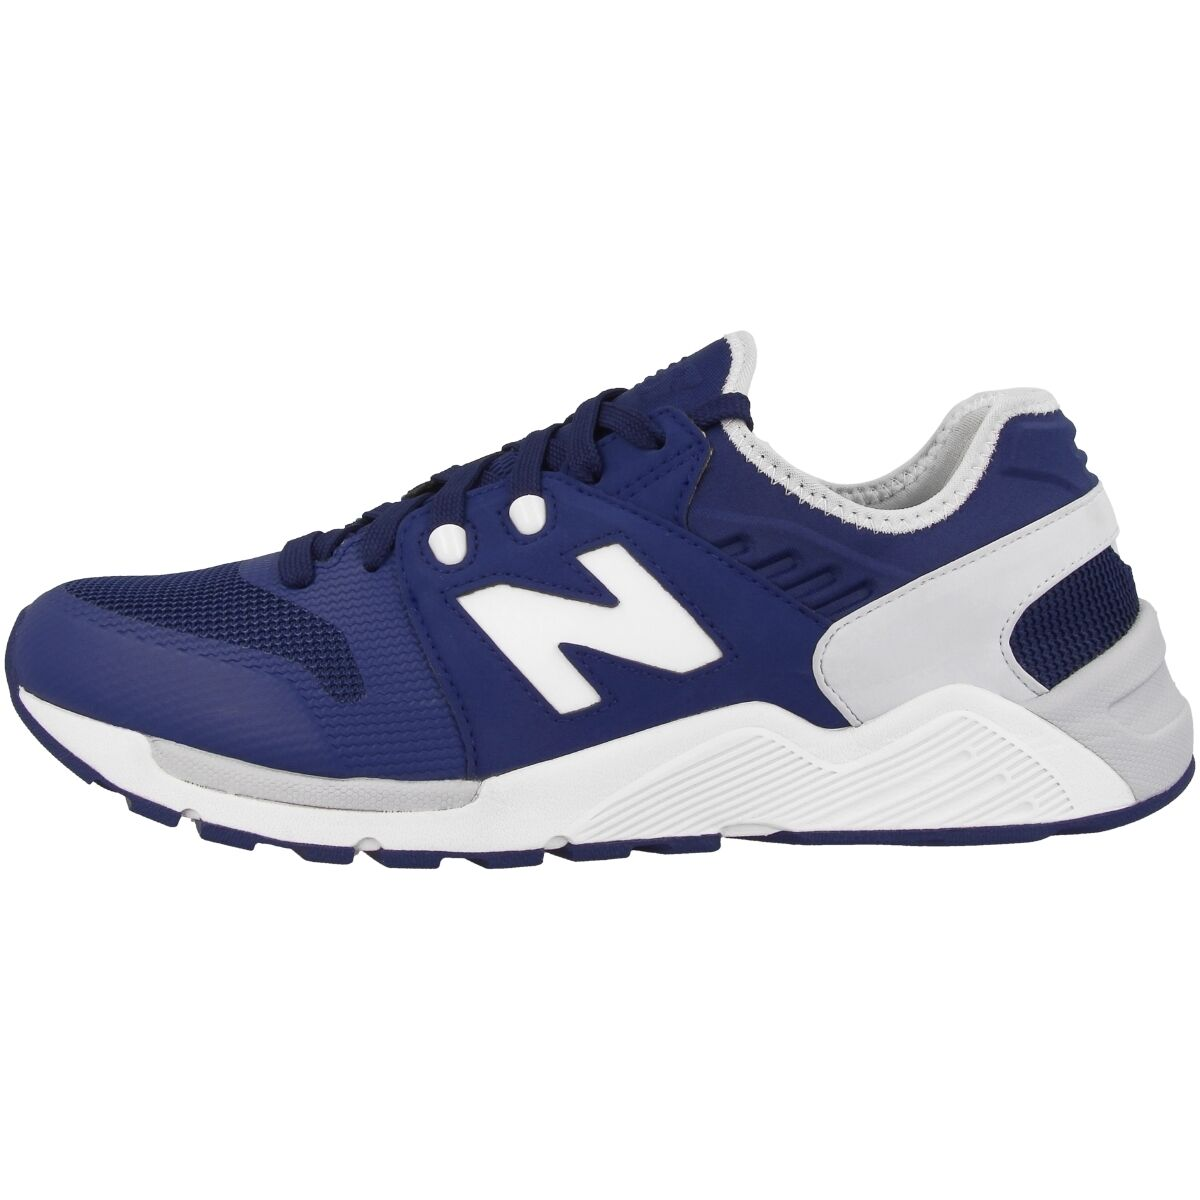 New Balance ML 009 PHB Schuhe navy light Grau ML009PHB Freizeit Sneaker MD 1500